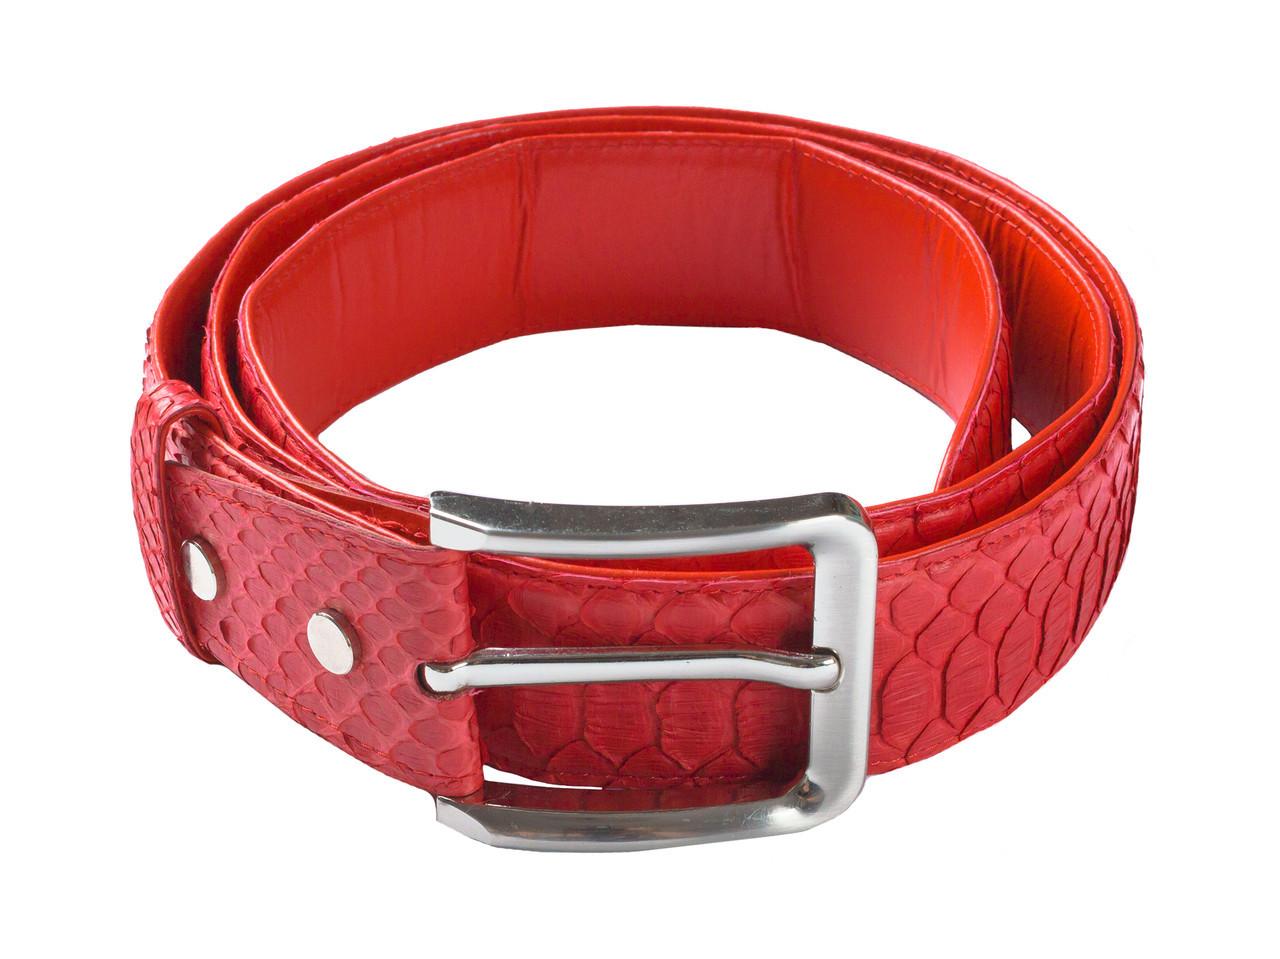 Ремень из кожи питона  Ekzotic Leather Красный (snb07), фото 1